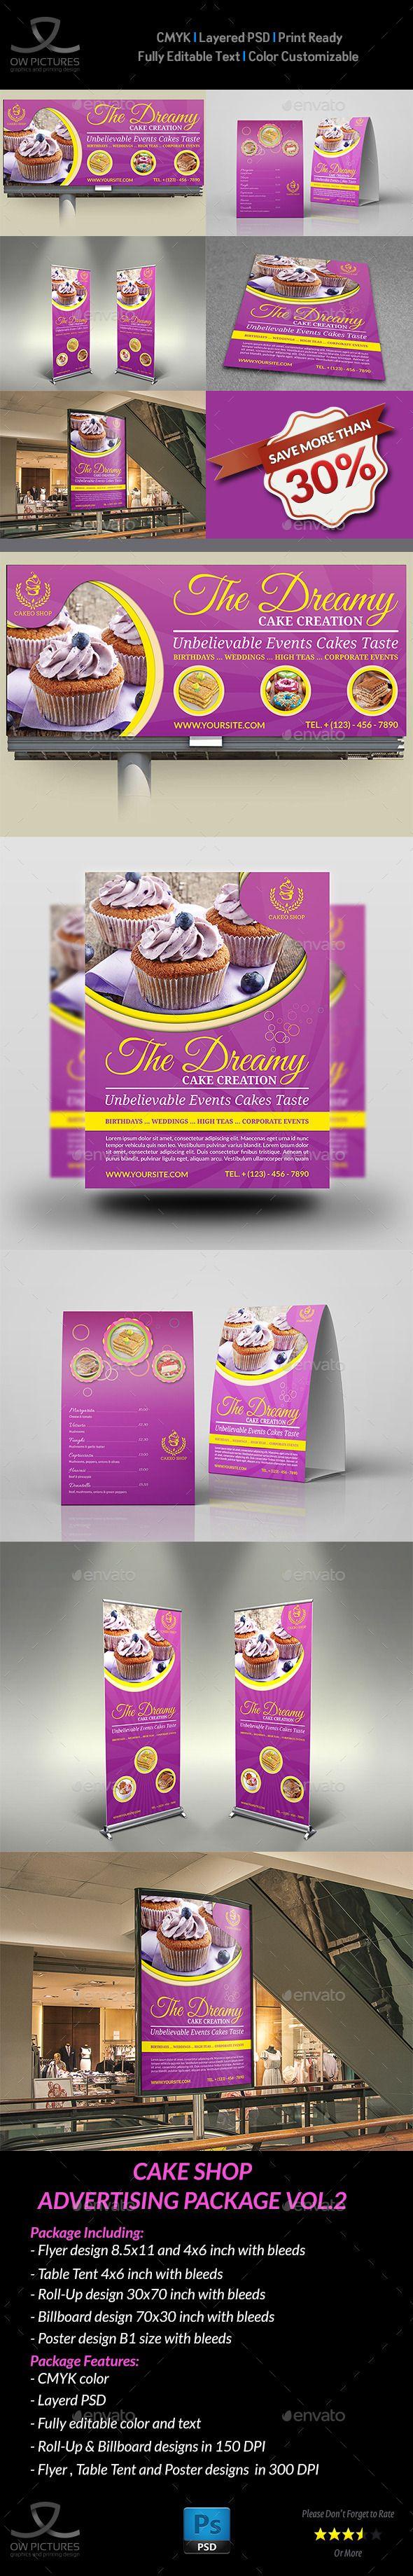 Cake Shop Advertising Bundle Vol.2